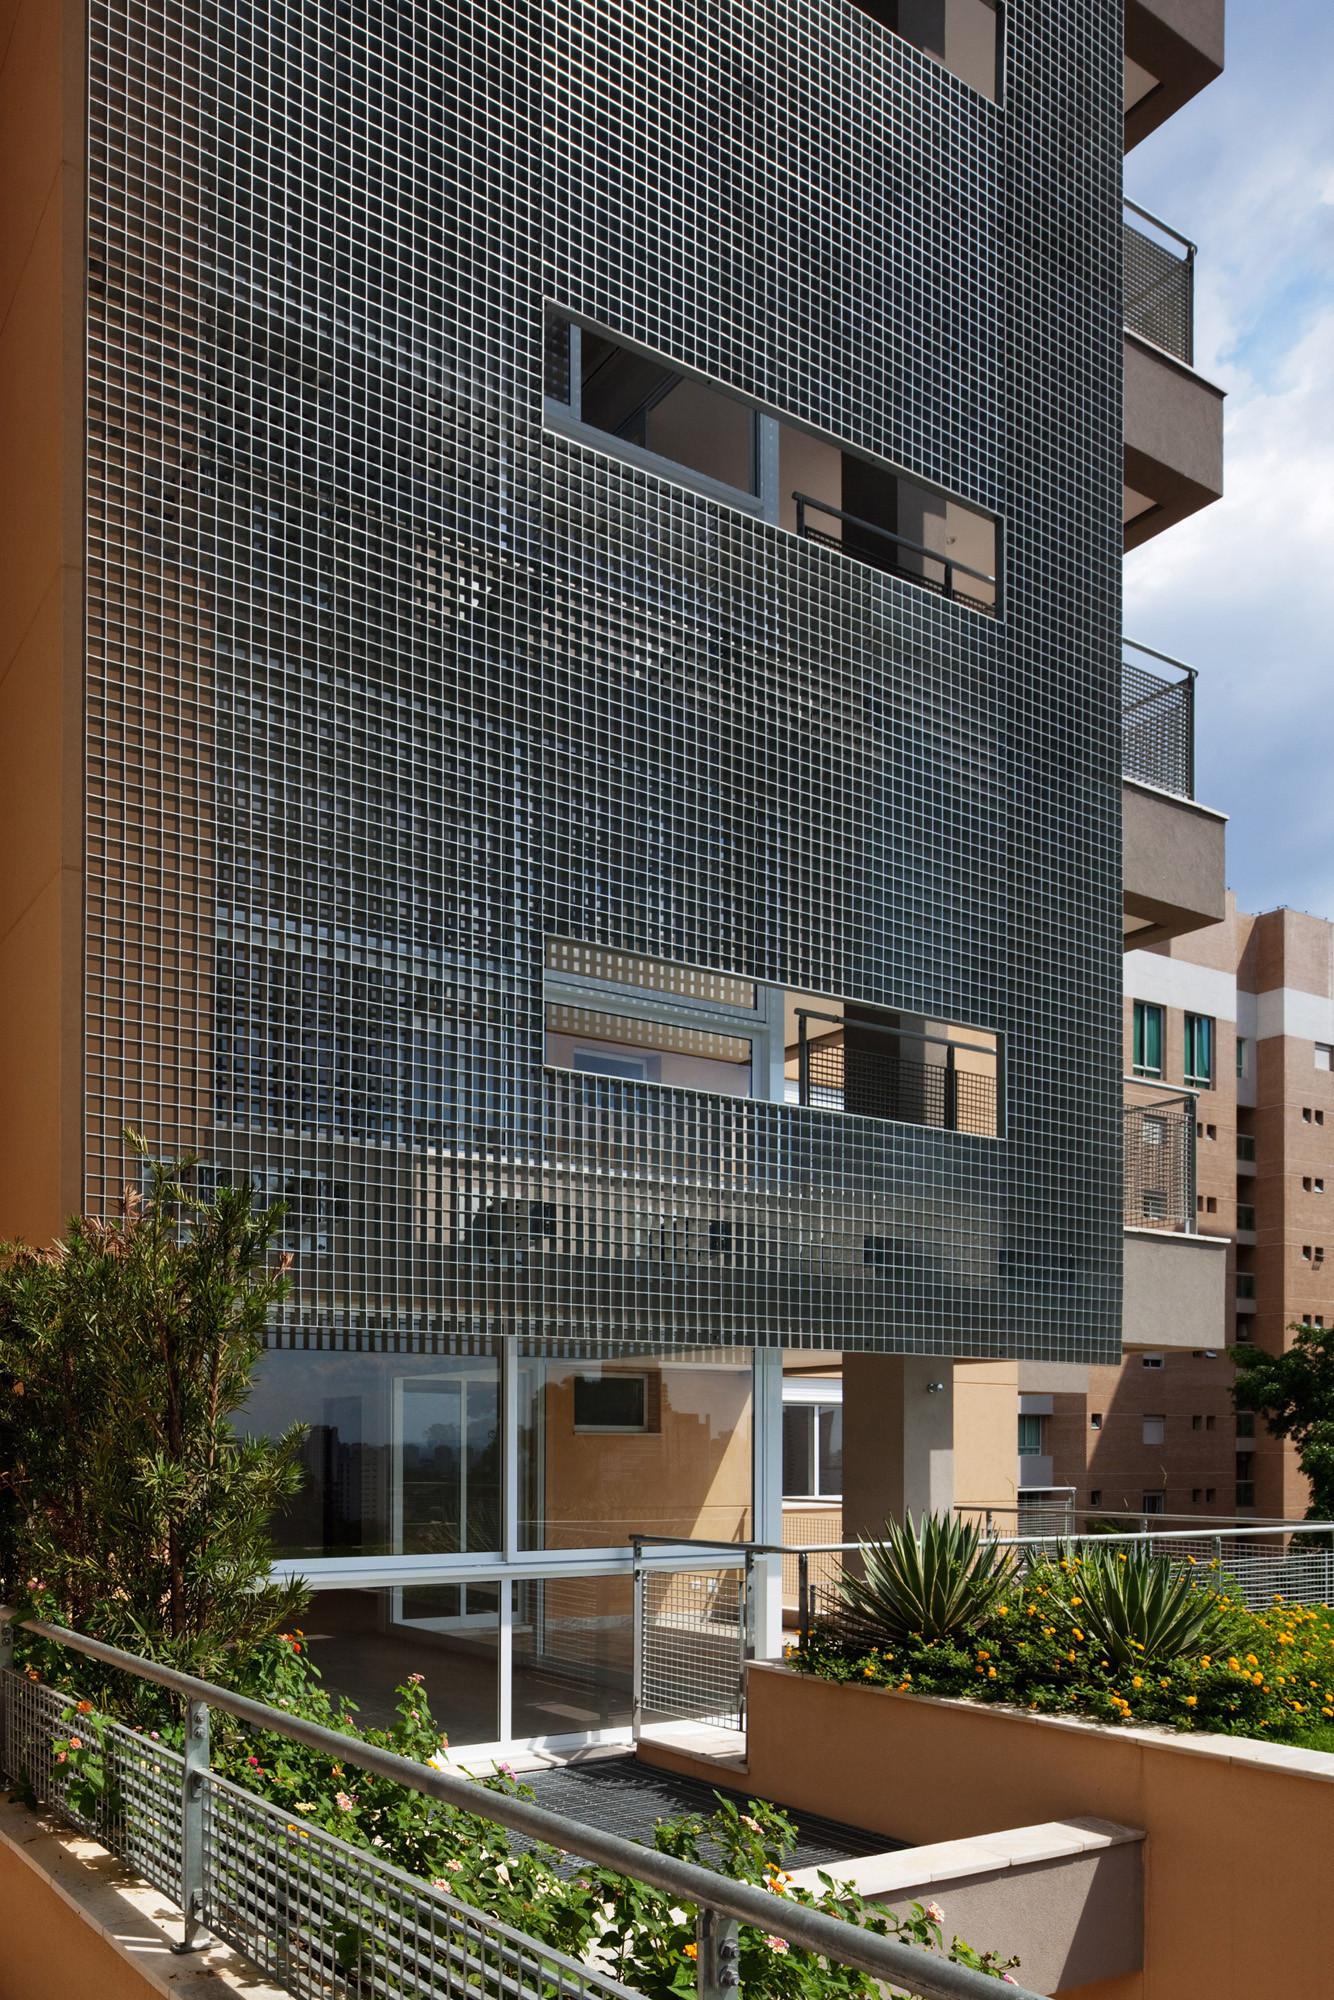 Fidalga 800 Building / Reinach Mendonça Arquitetos Associados , © Nelson Kon